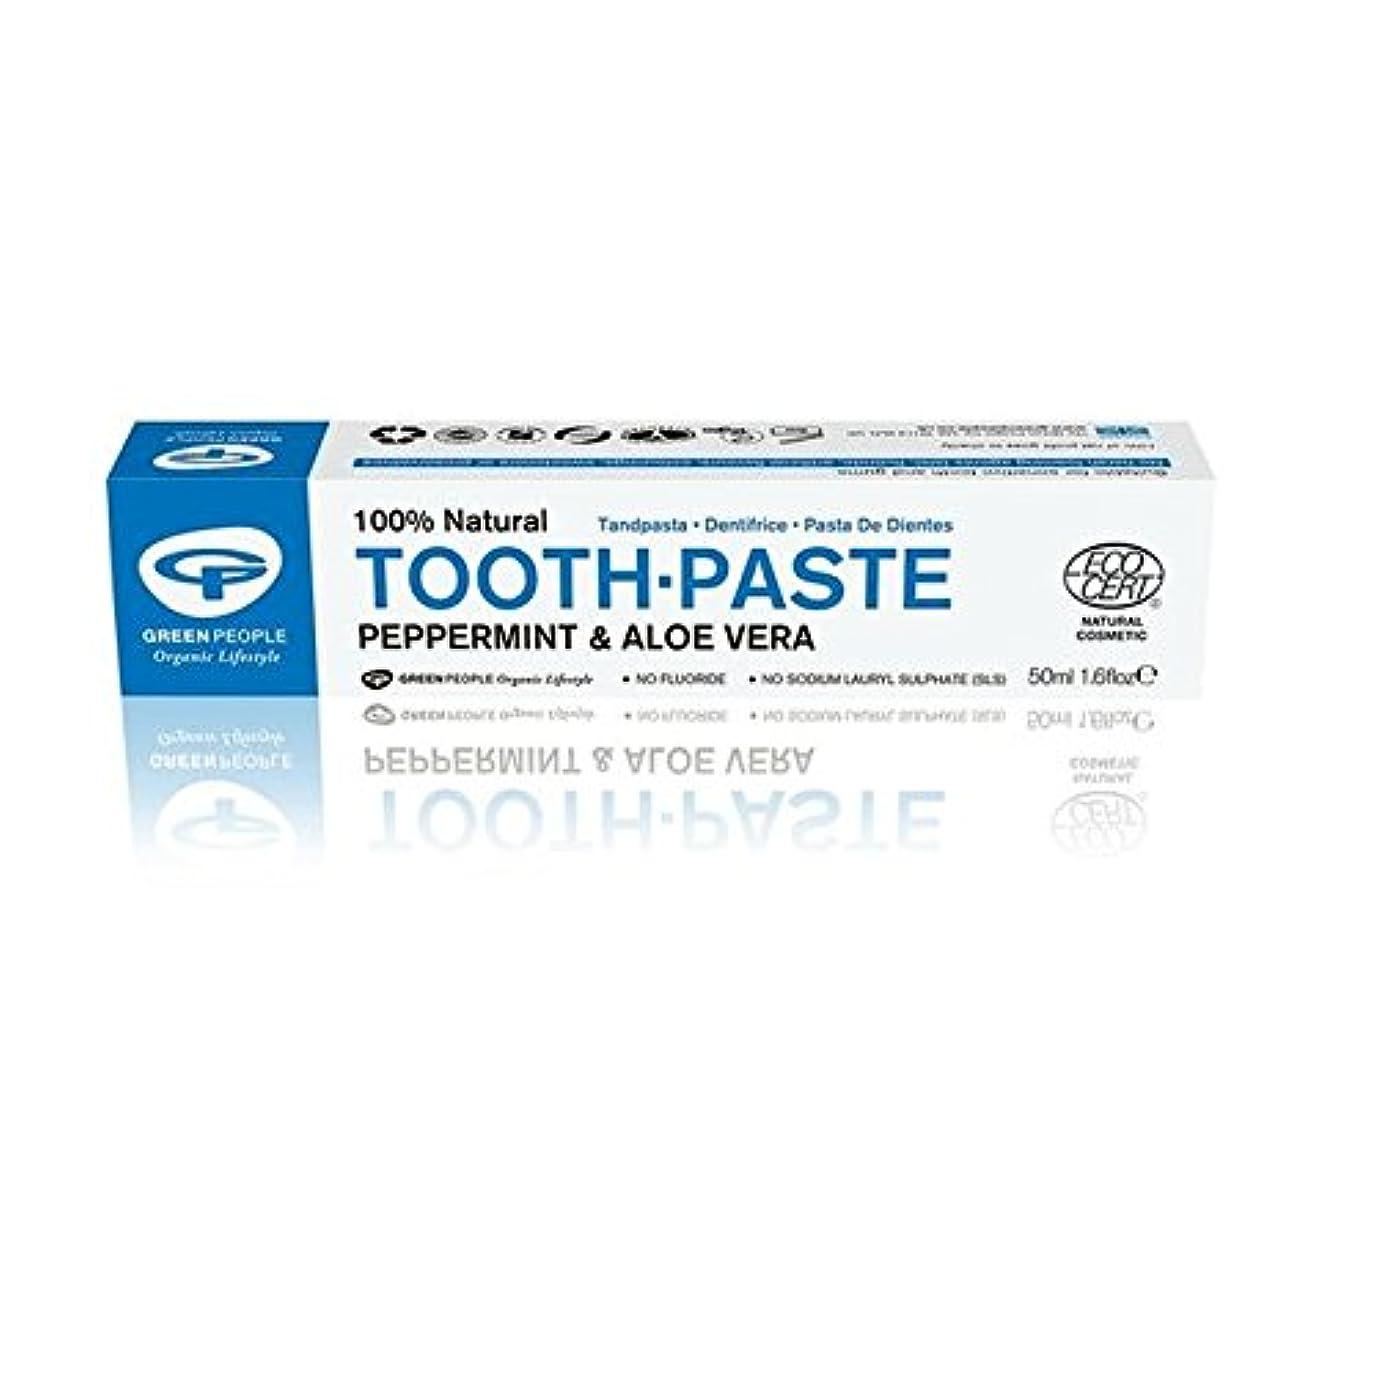 可愛いカセット抜粋緑の人々の自然ミント歯磨き粉50ミリリットル x4 - Green People Natural Mint Toothpaste 50ml (Pack of 4) [並行輸入品]